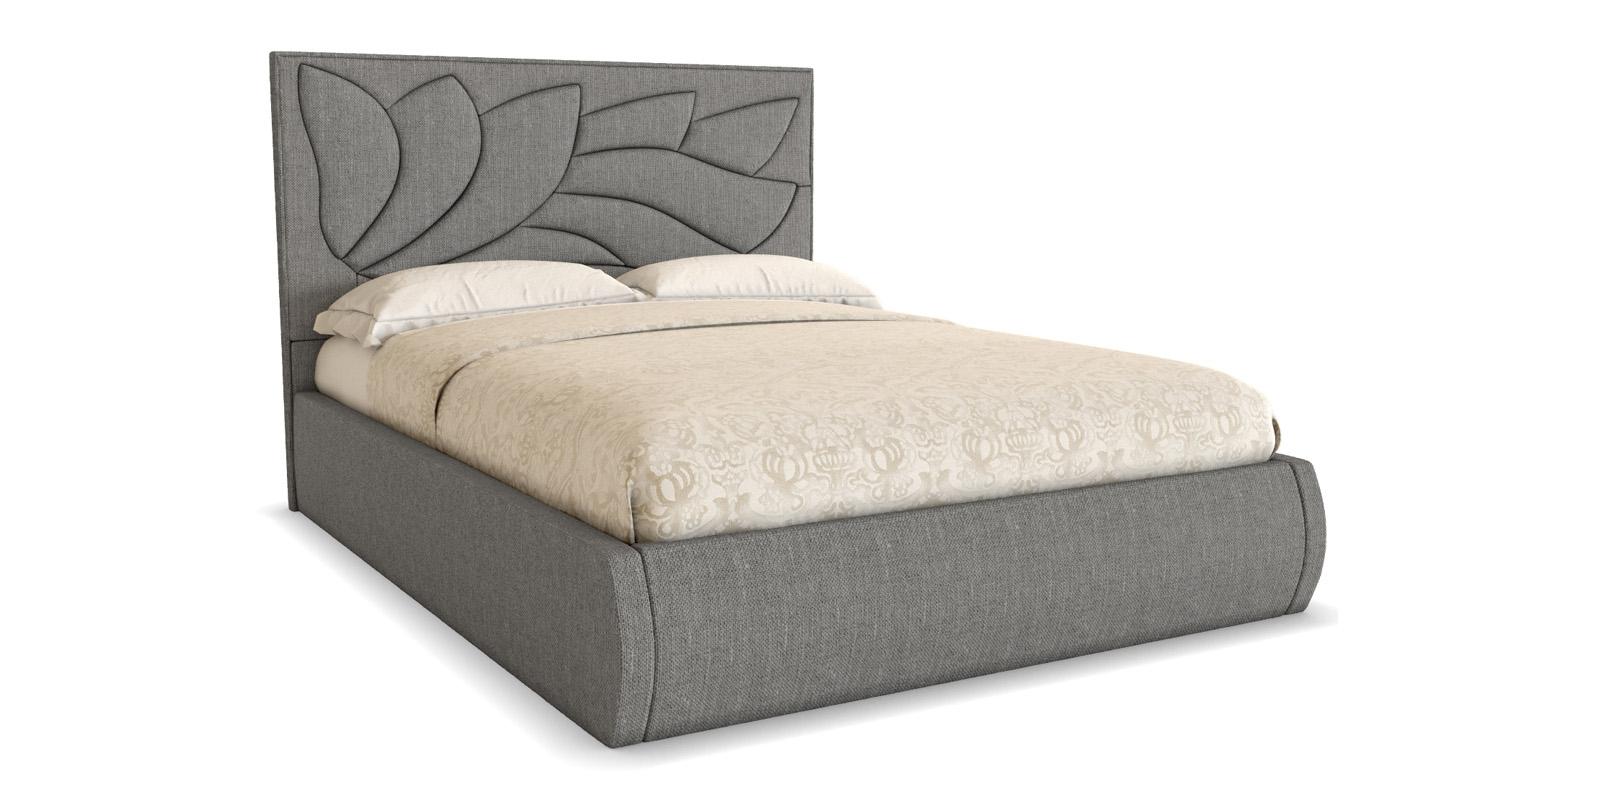 Мягкая кровать 200х140 Флора с подъемным механизмом (серый)